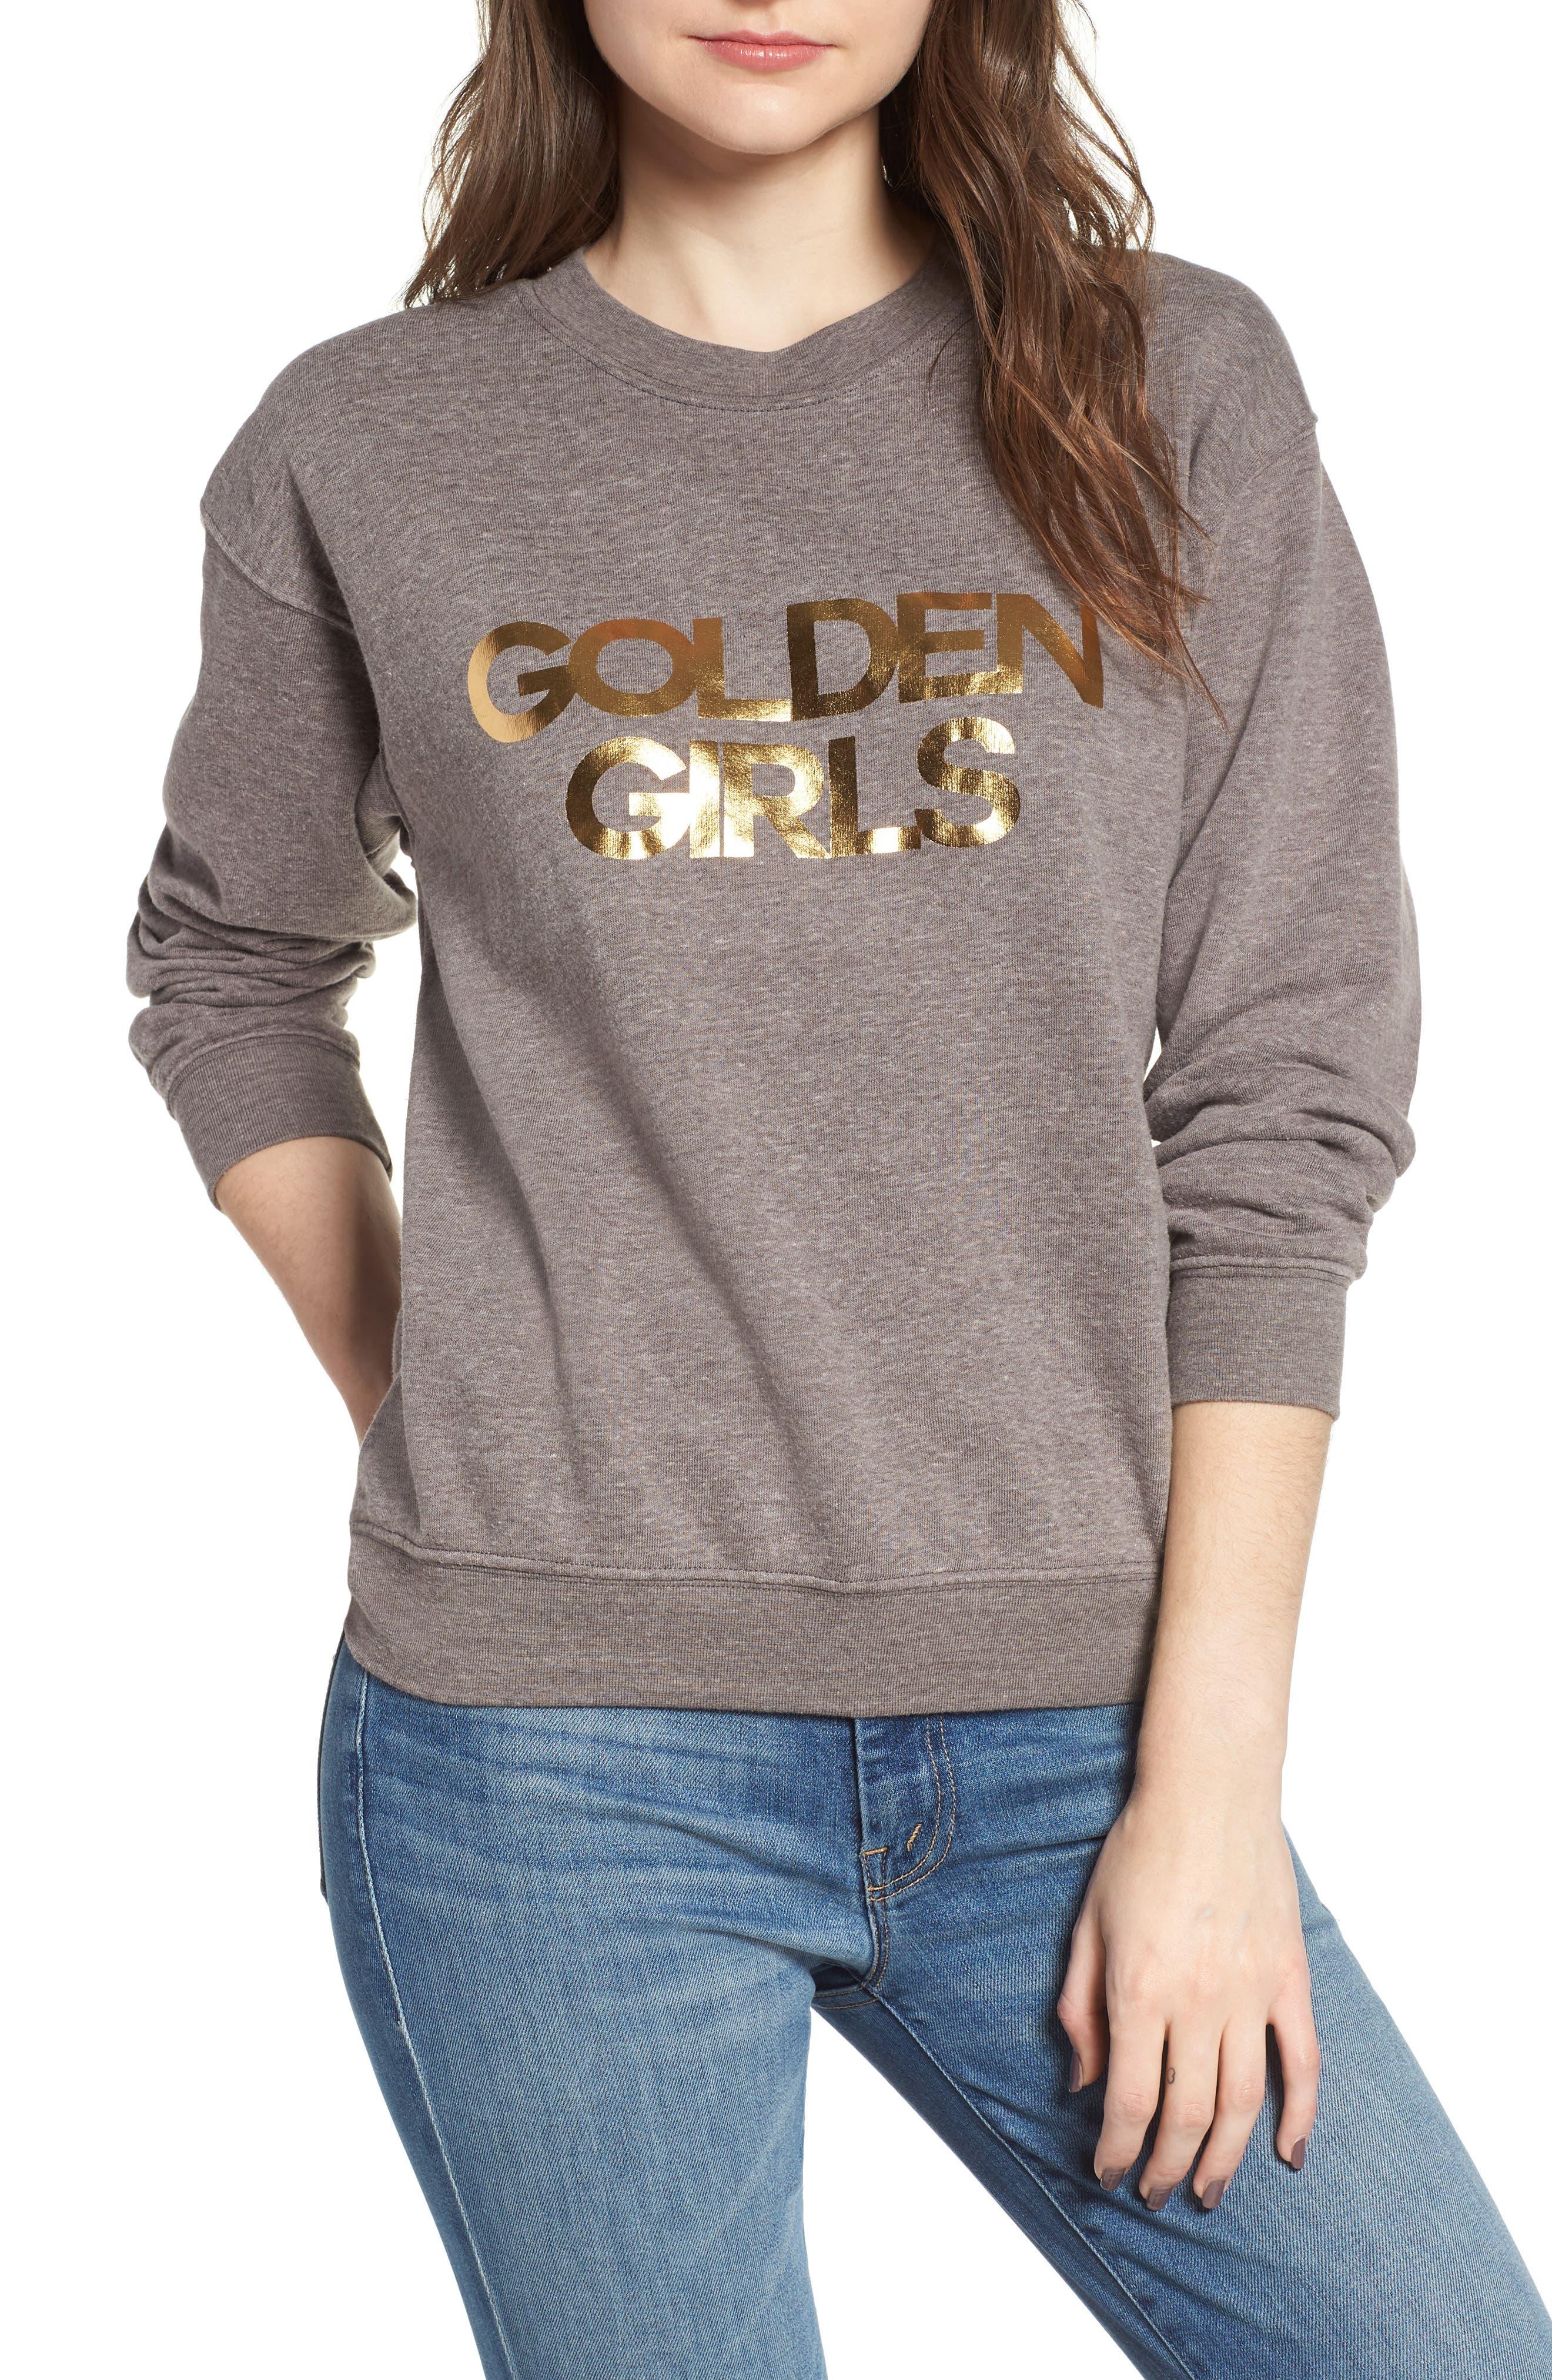 Golden Girls Willow Sweatshirt,                         Main,                         color, 050